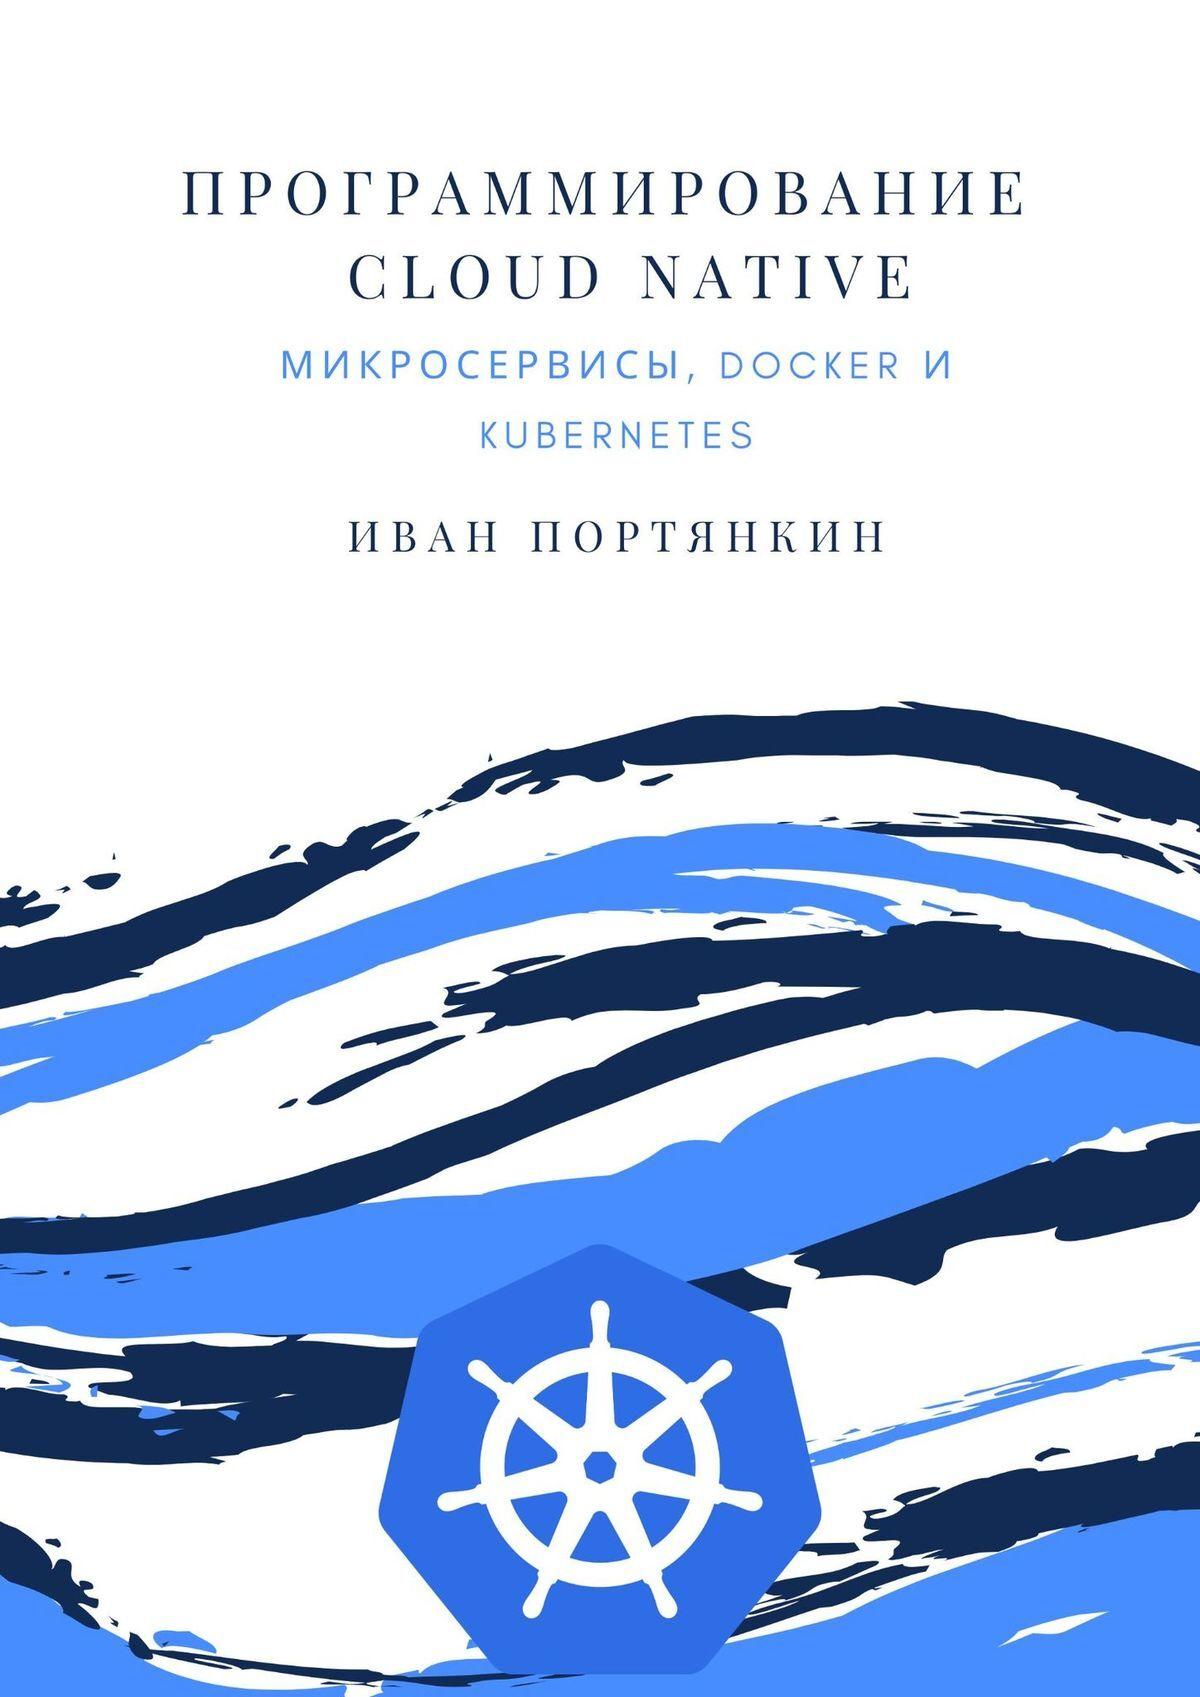 Купить книгу Программирование Cloud Native. Микросервисы, Docker иKubernetes, автора Ивана Портянкина